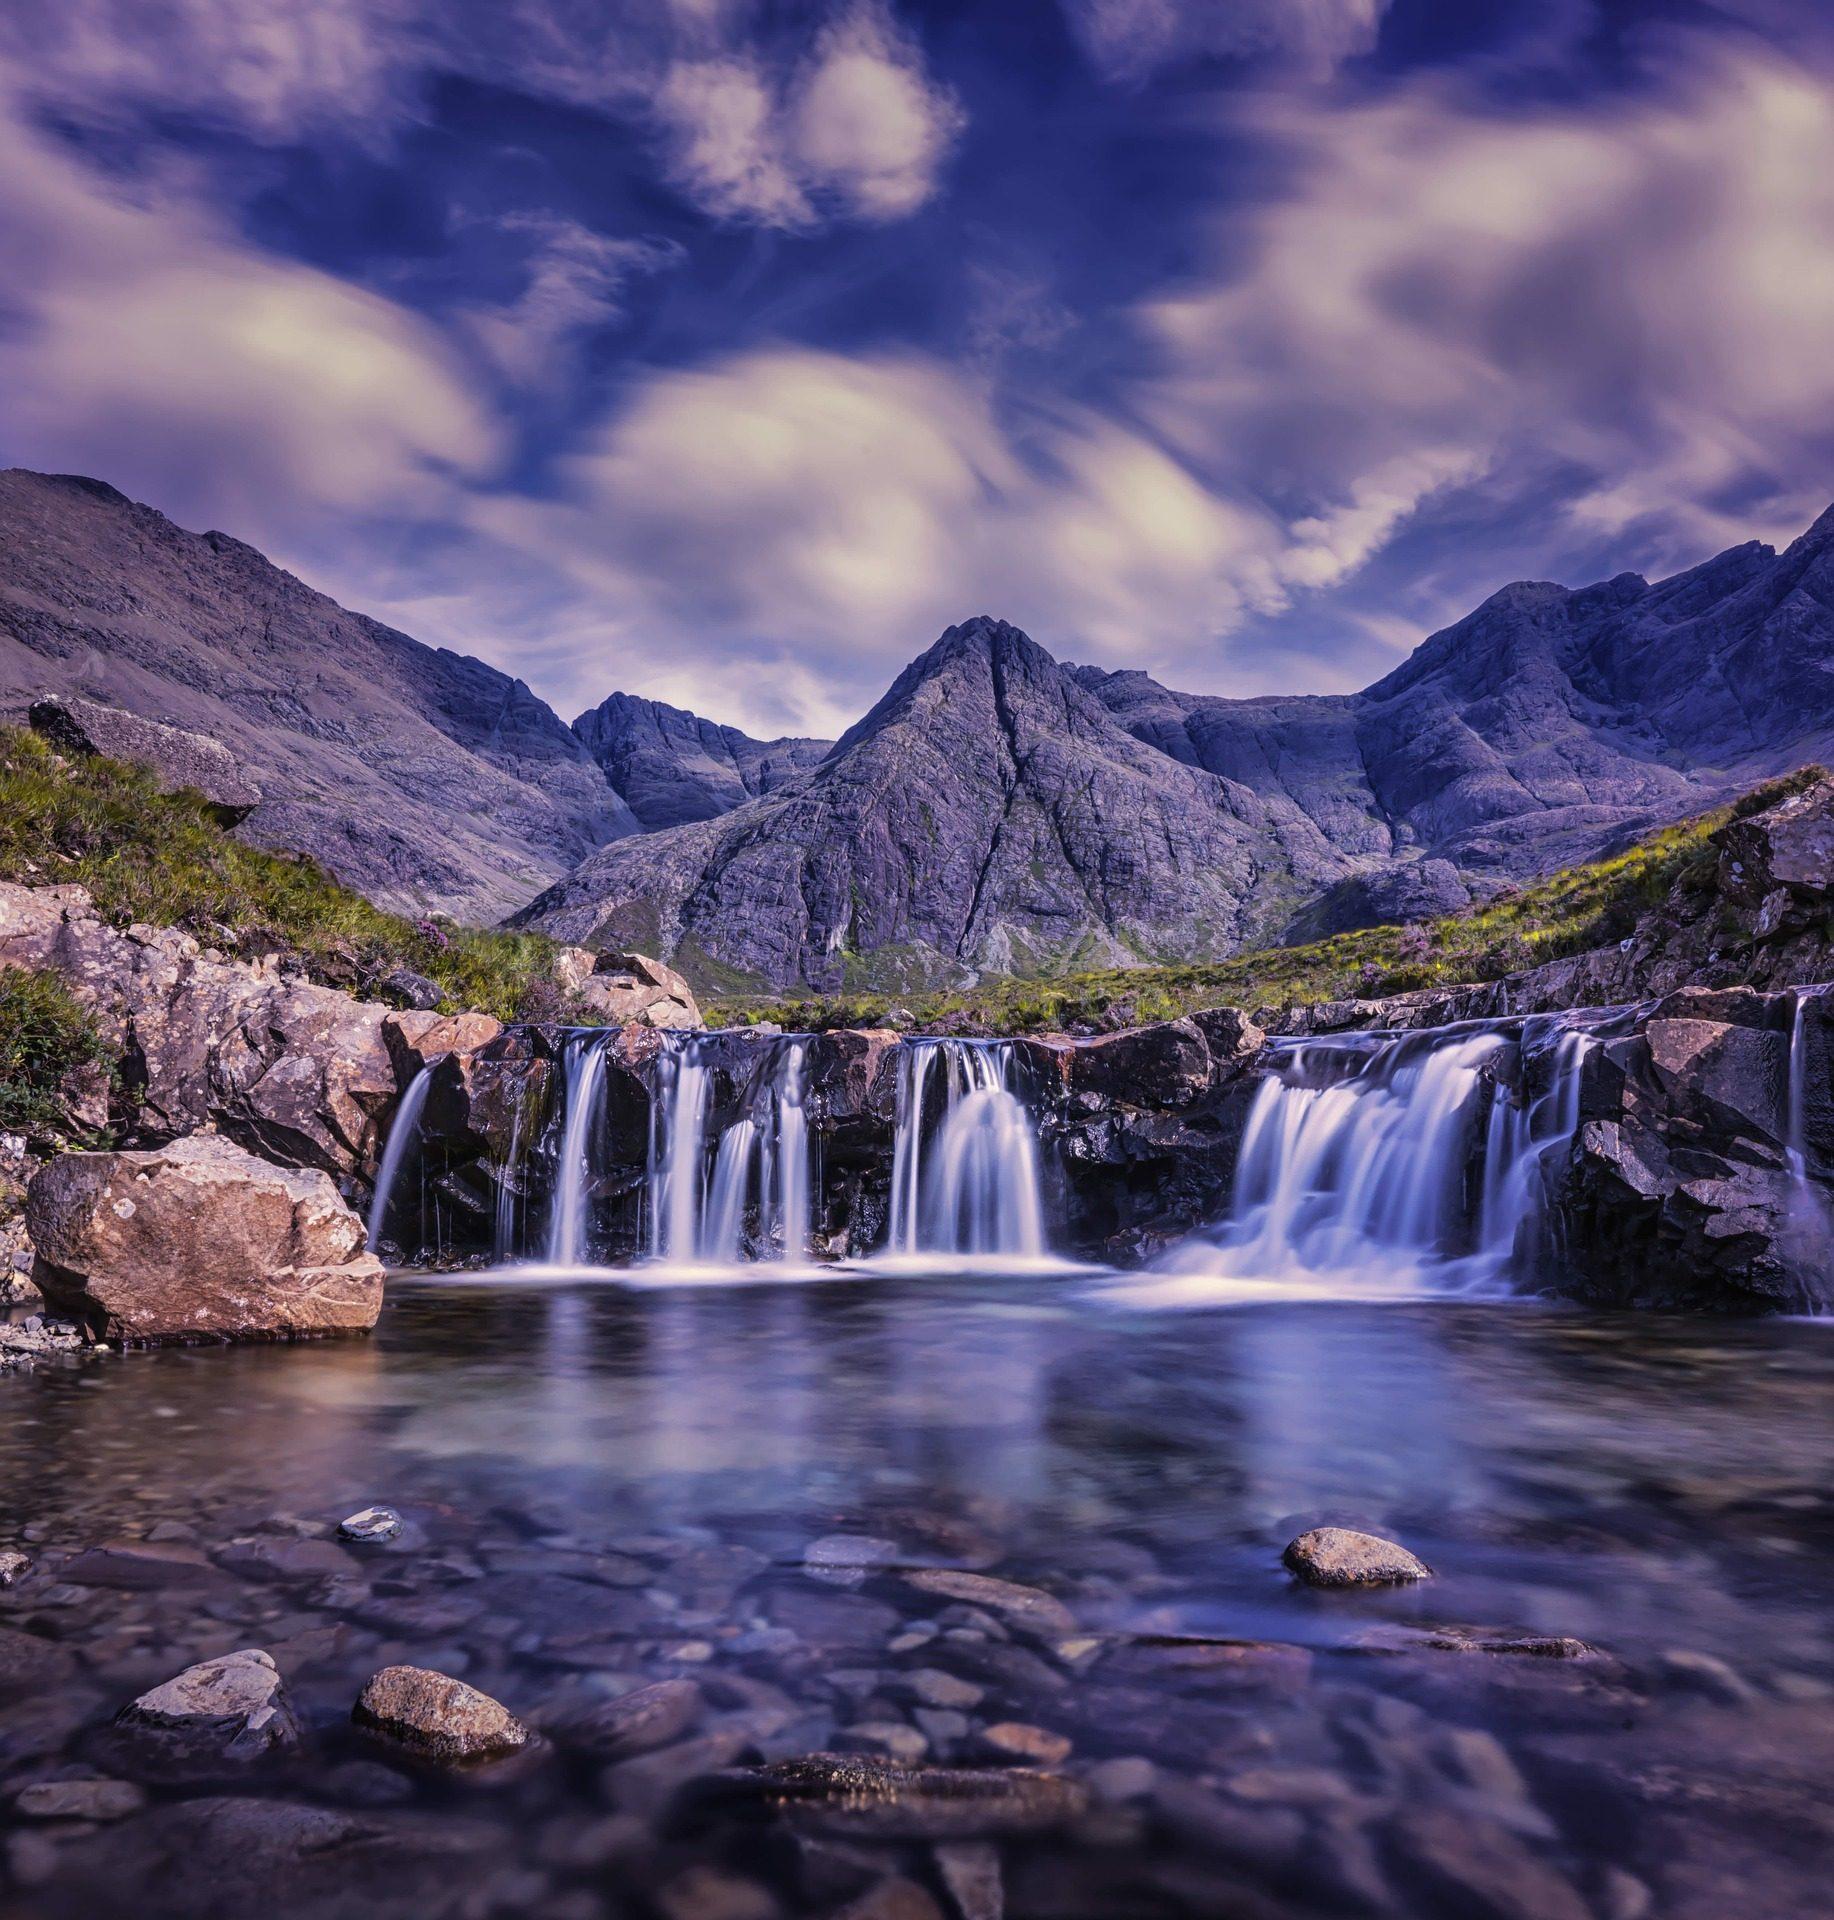 瀑布, Montañas, 水, 河, 奥, 云彩 - 高清壁纸 - 教授-falken.com